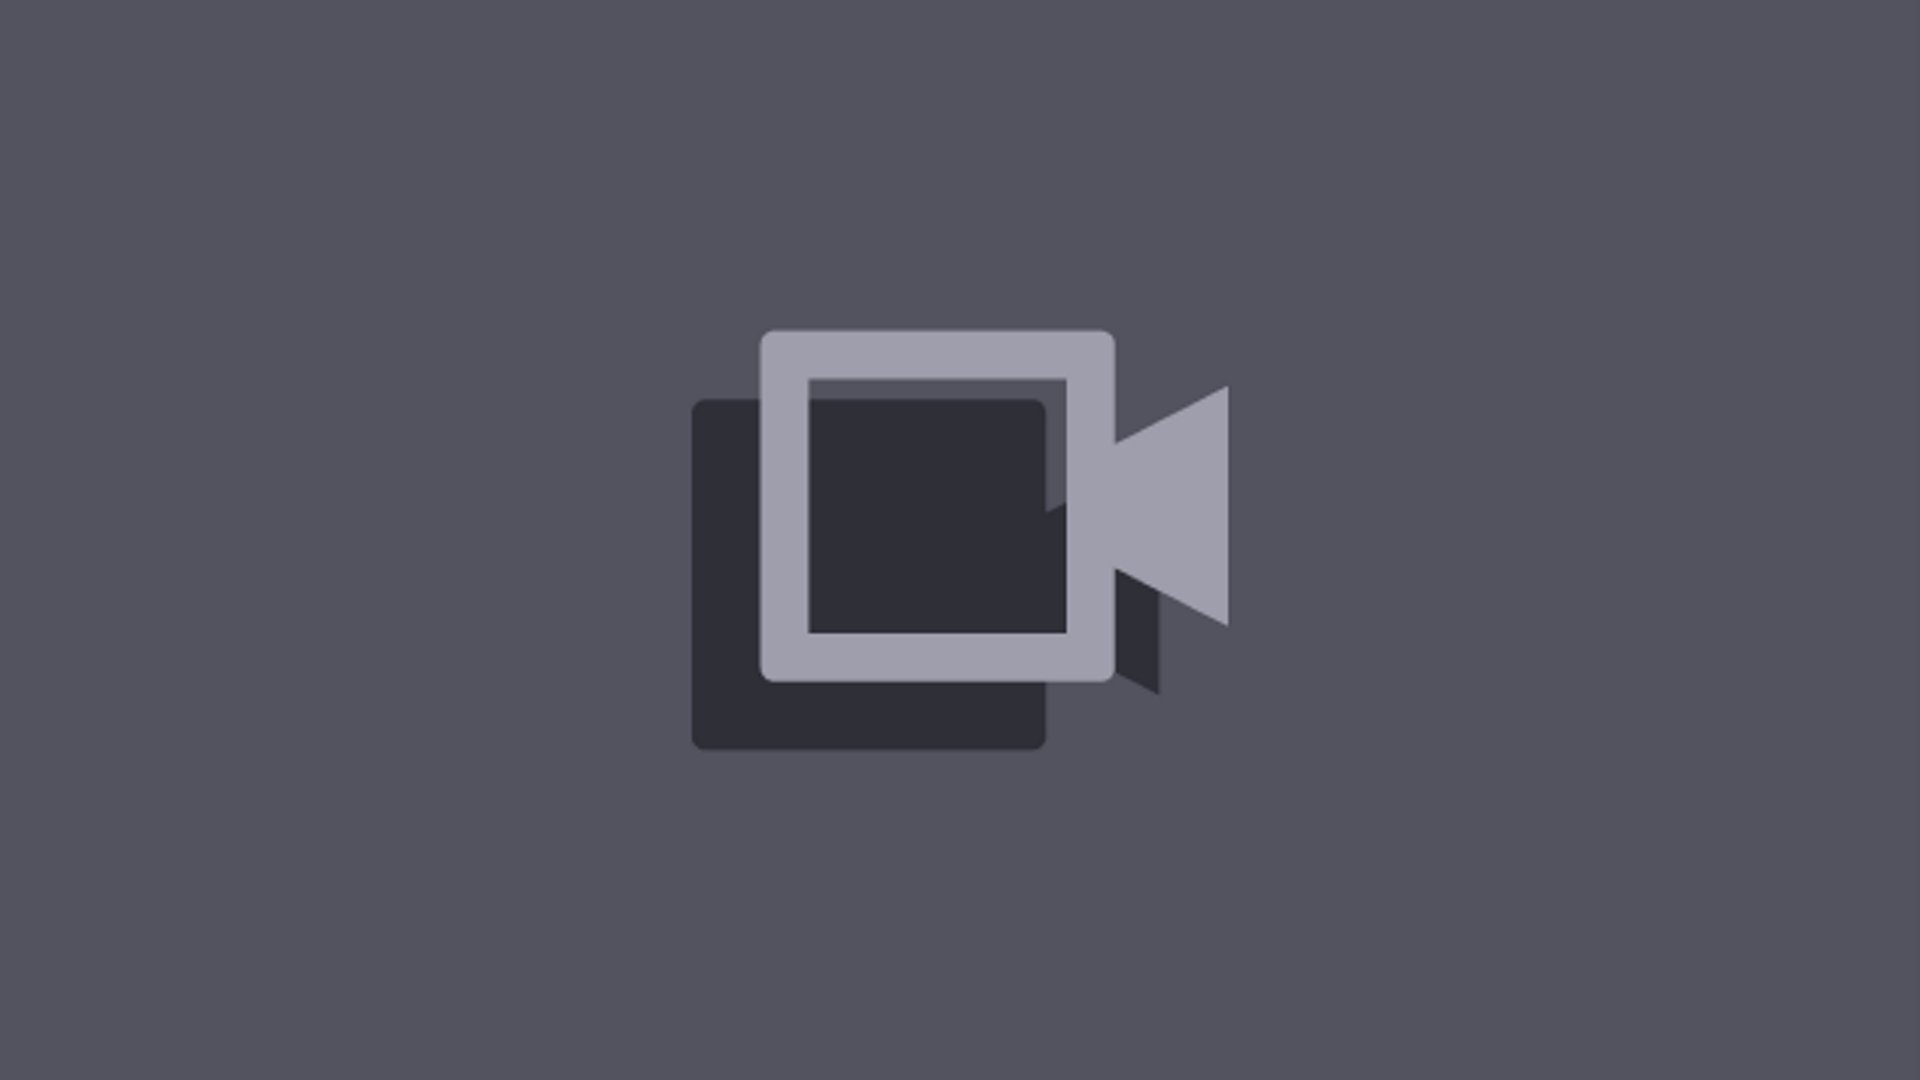 Twitch stream of dasMEHDI